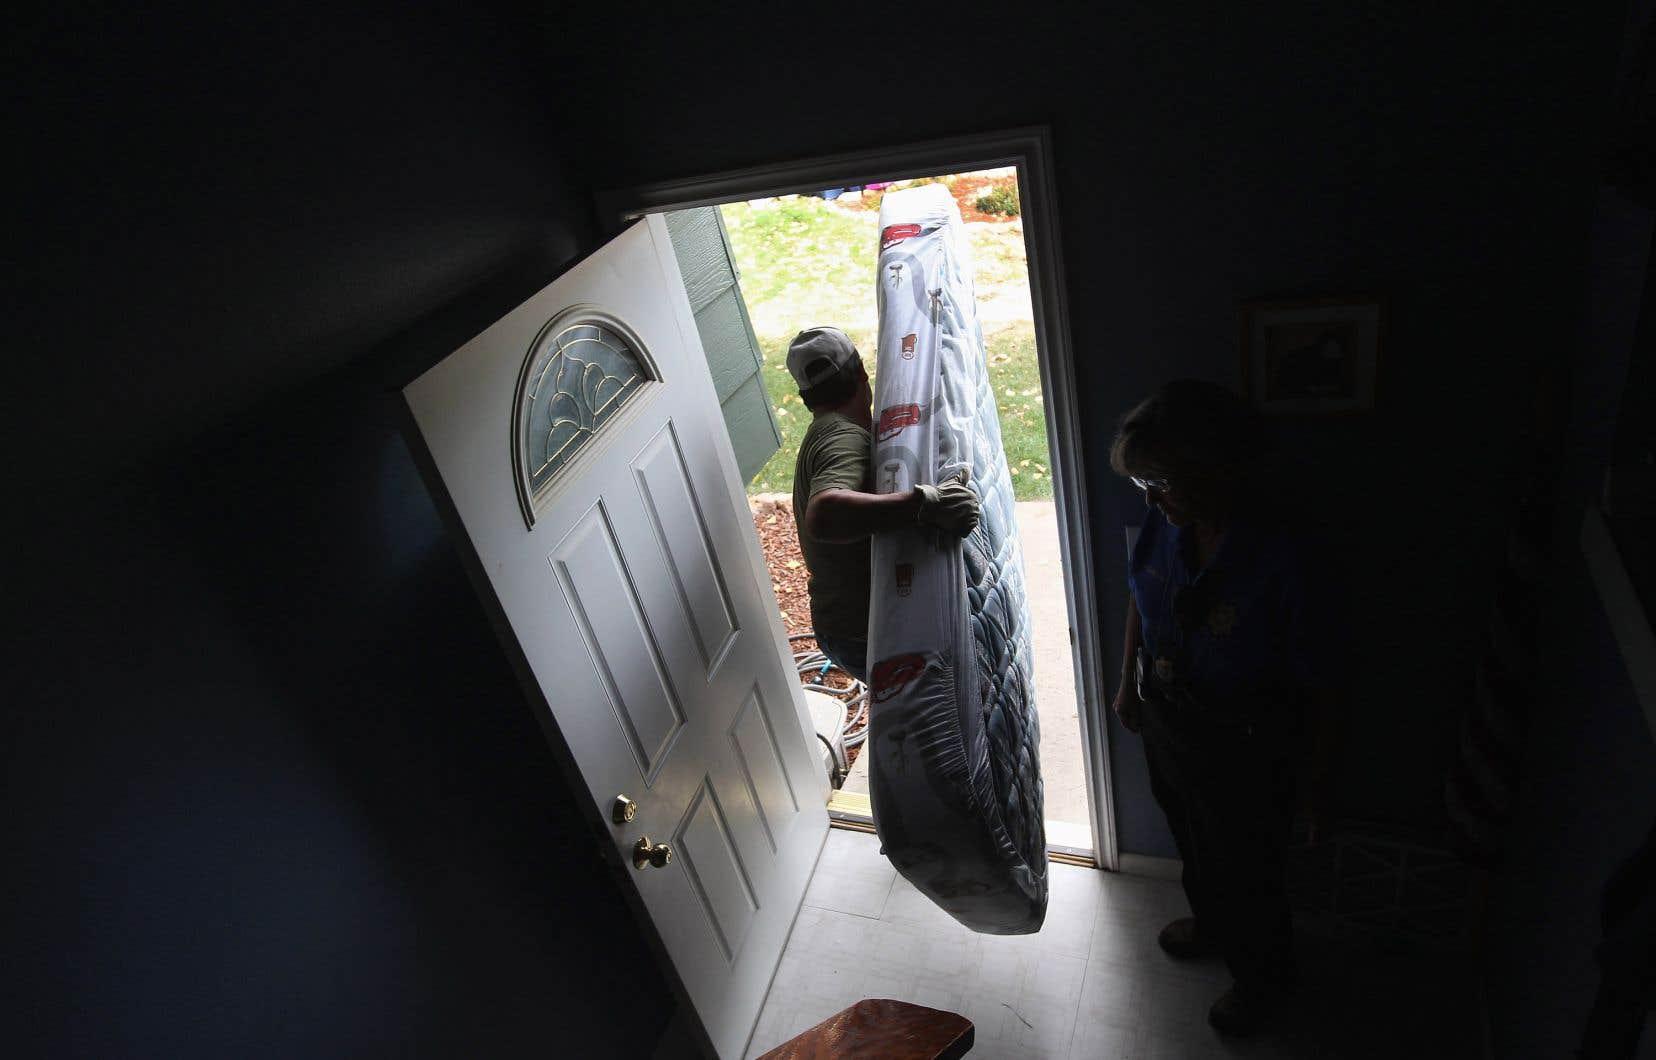 Les expulsions locatives  sont devenues banales  aux États-Unis, surtout pour les mères afro-américaines cheffes  de famille monoparentale.